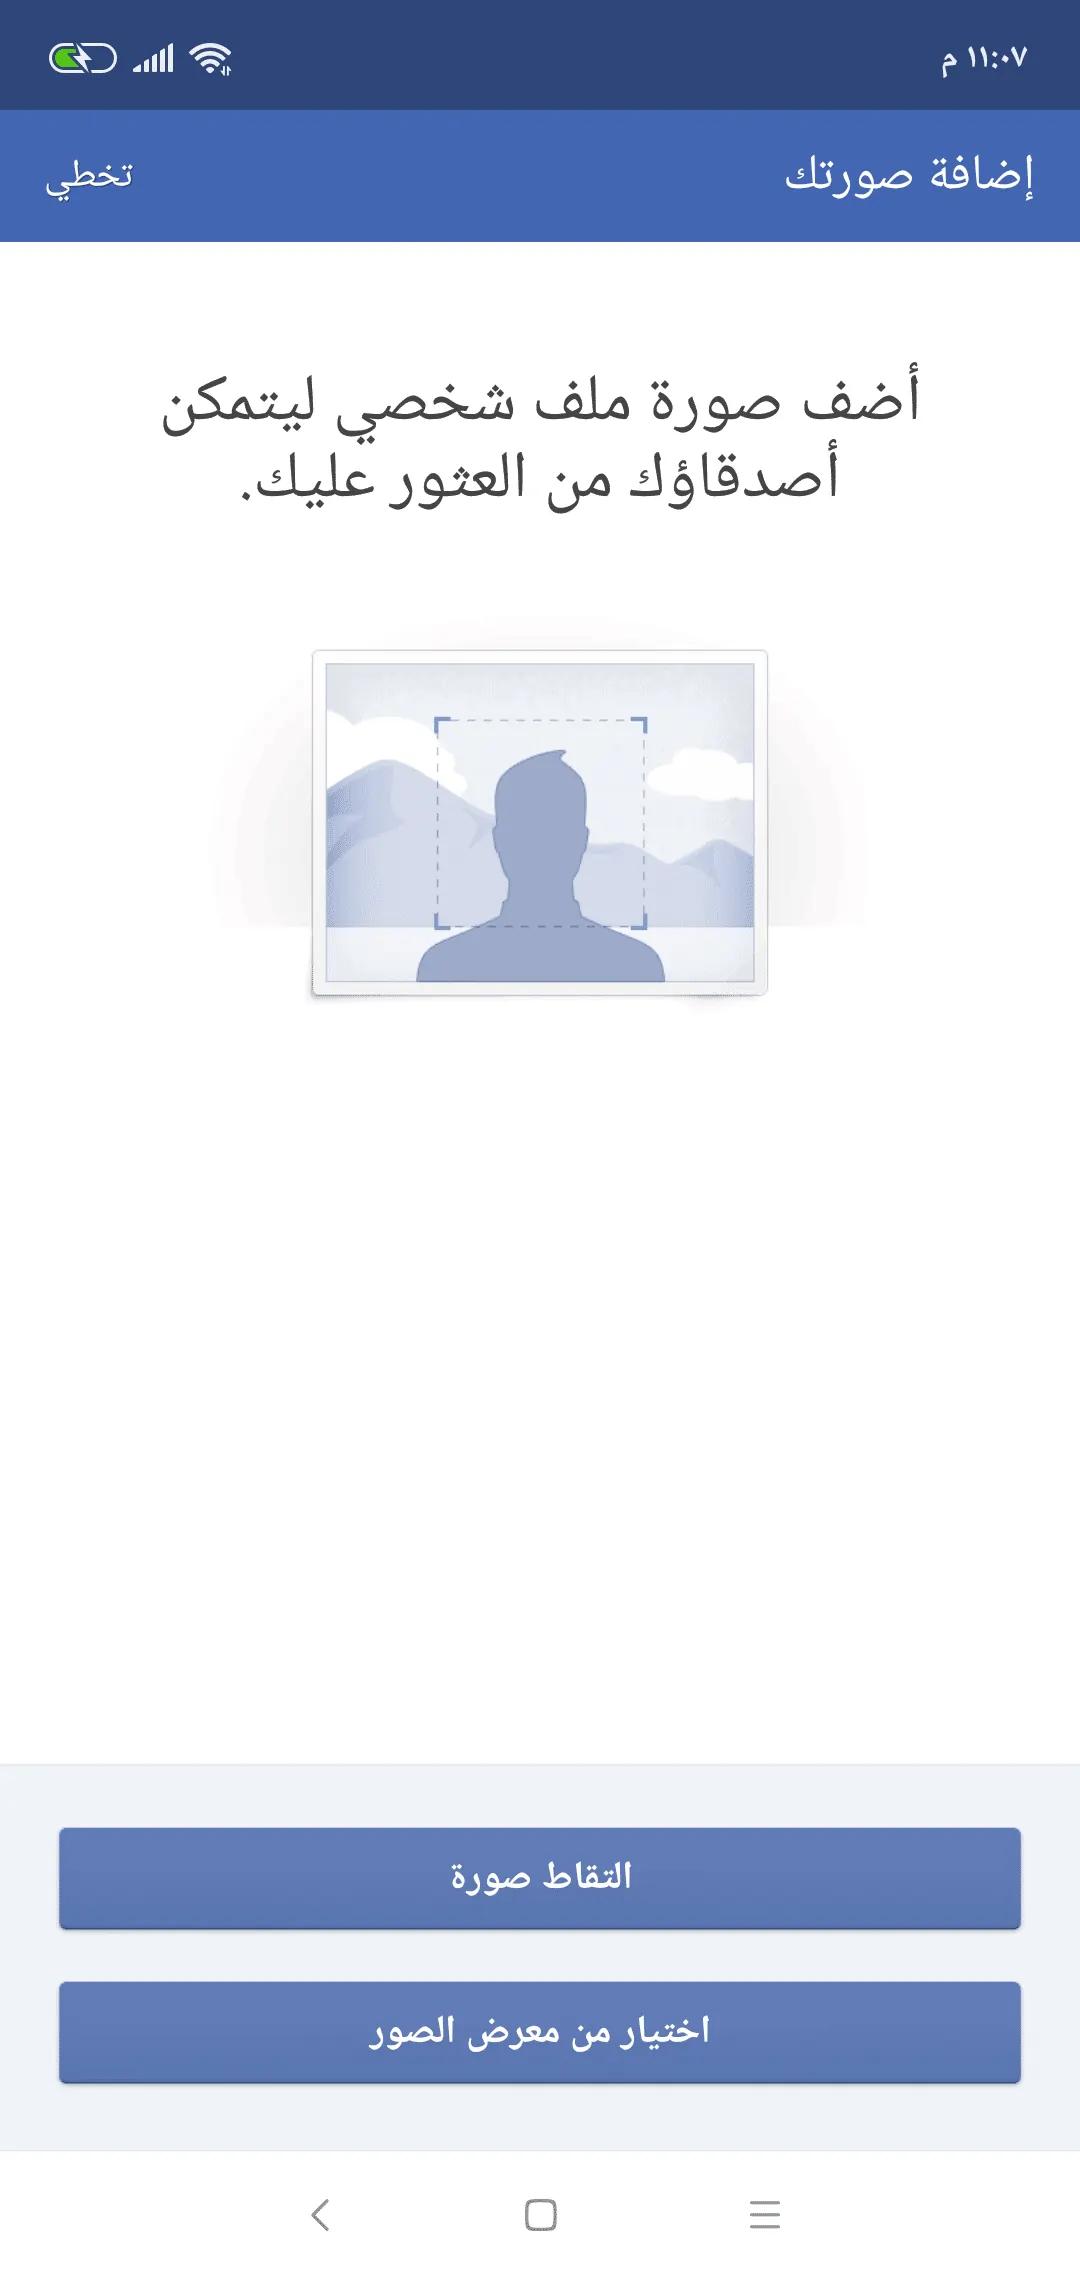 اضافة صورة ملف شخصي علي فيسبوك